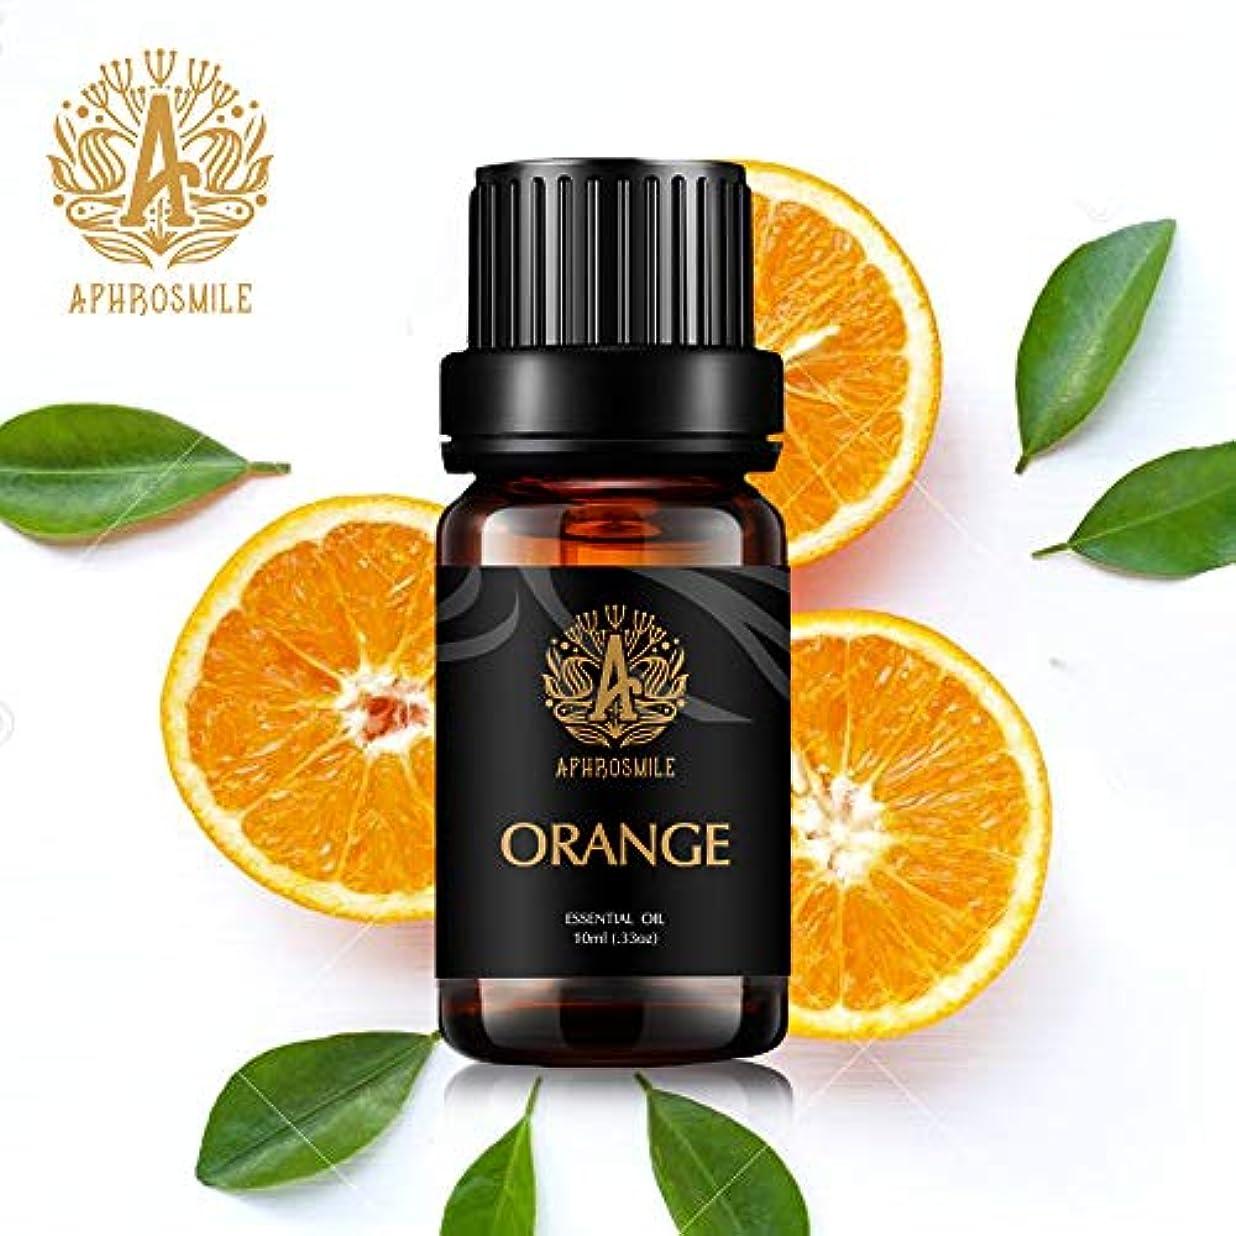 カエル比類なき何故なのAphrosmile オレンジ エッセンシャル オイル FDA 認定 100% ピュア オレンジ オイル、有機治療グレードのアロマテラピー エッセンシャル オイル 10mL/0.33oz